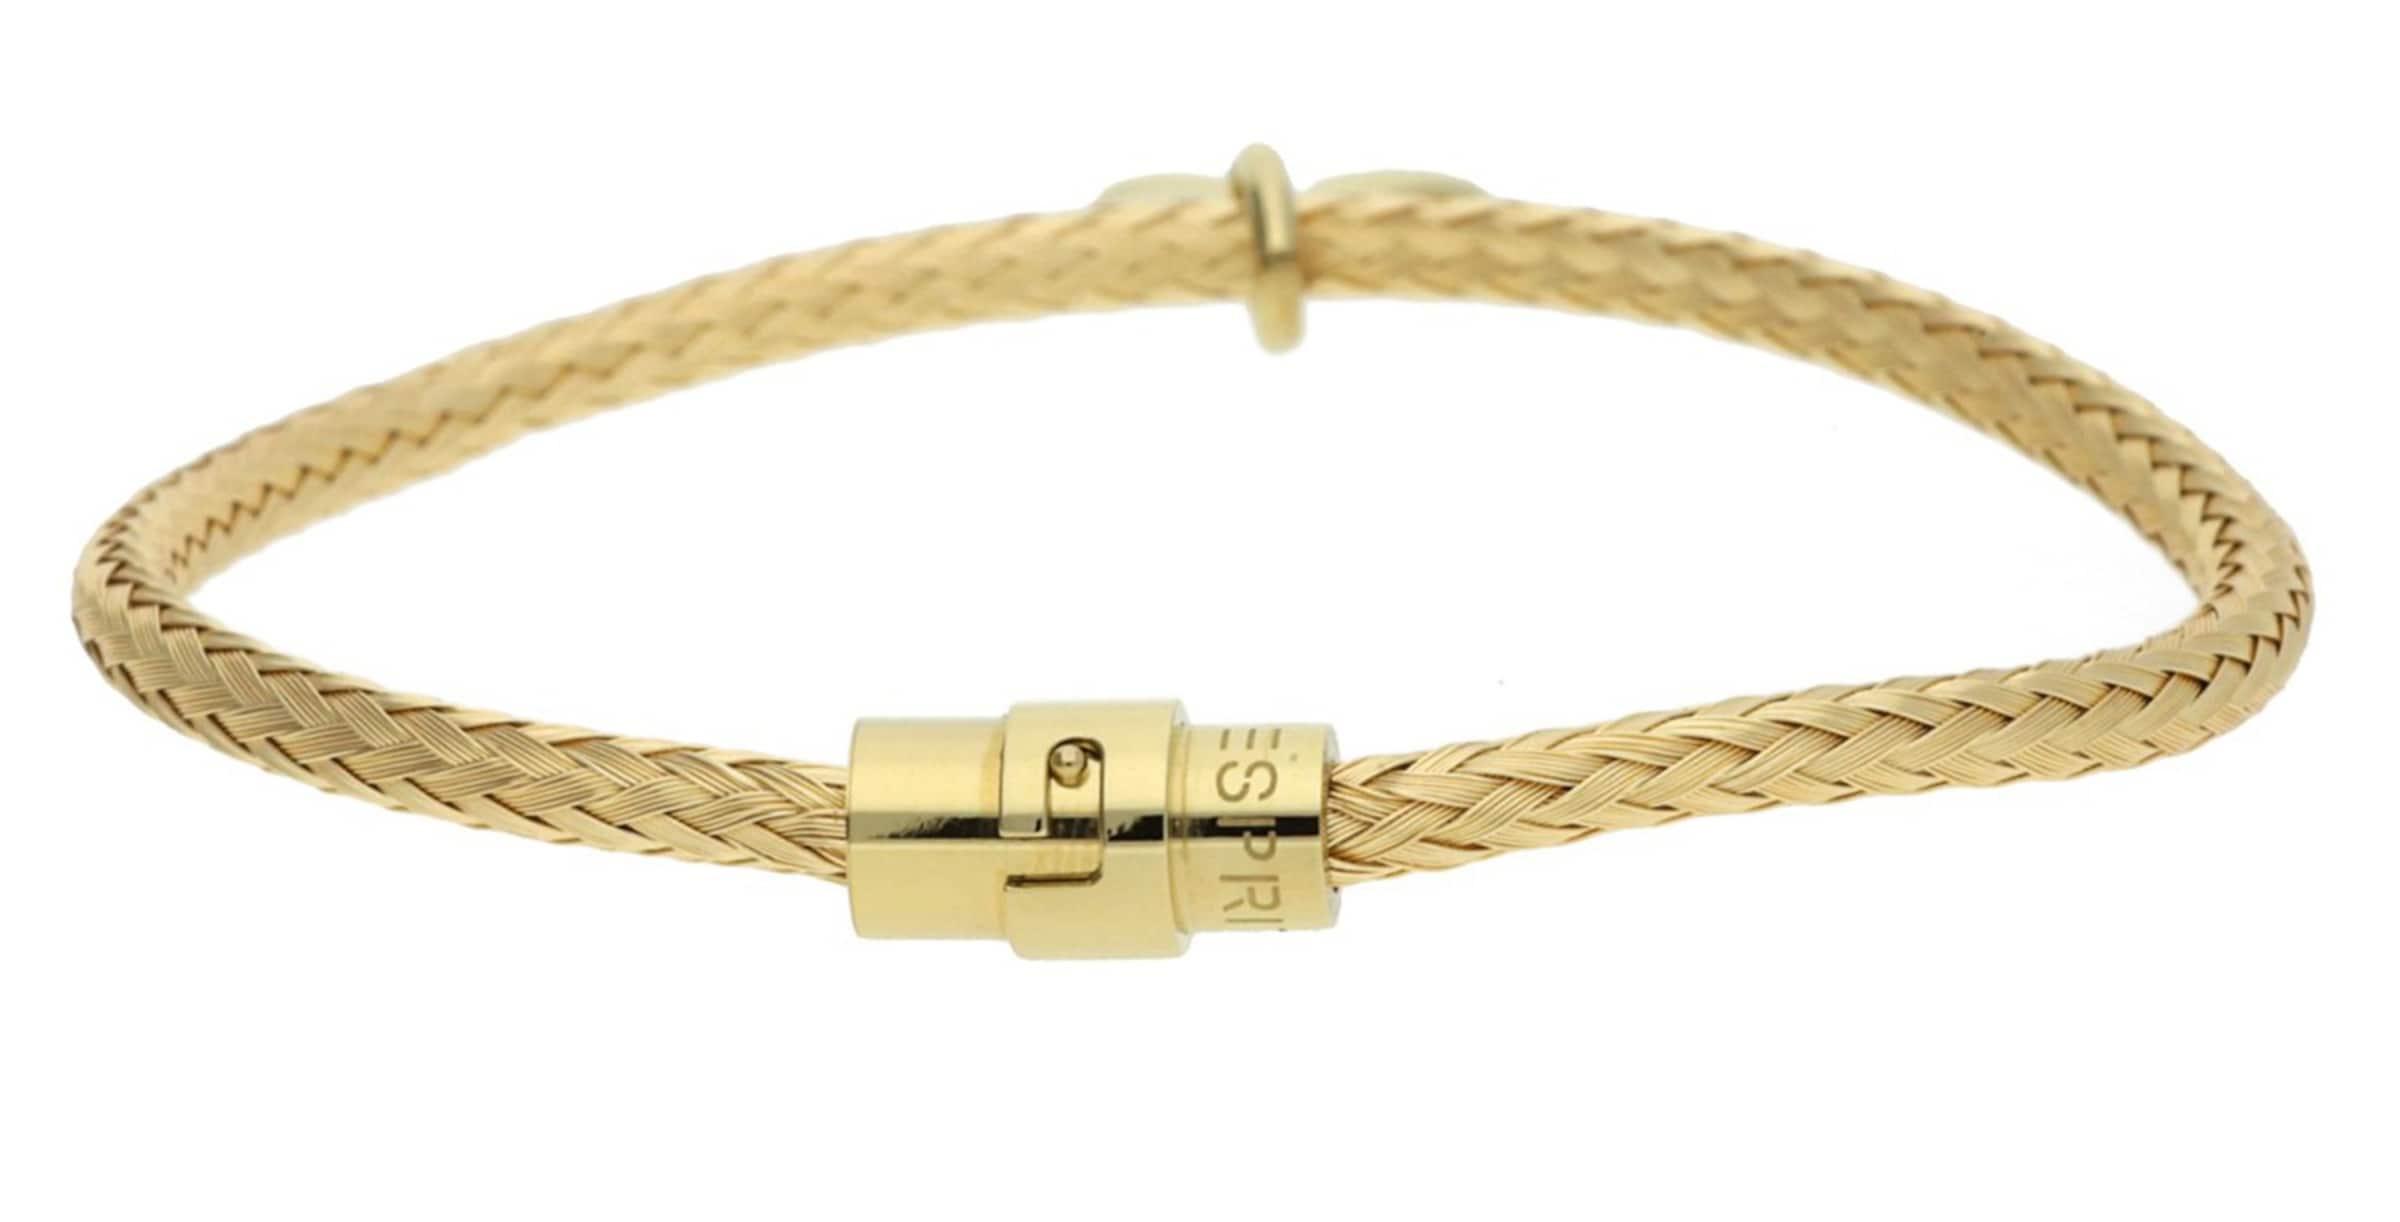 ESPRIT Armband Unter 70 Dollar Outlet Online Bestellen Heißen Verkauf Online-Verkauf Billig Verkauf Besuch K6um21pT